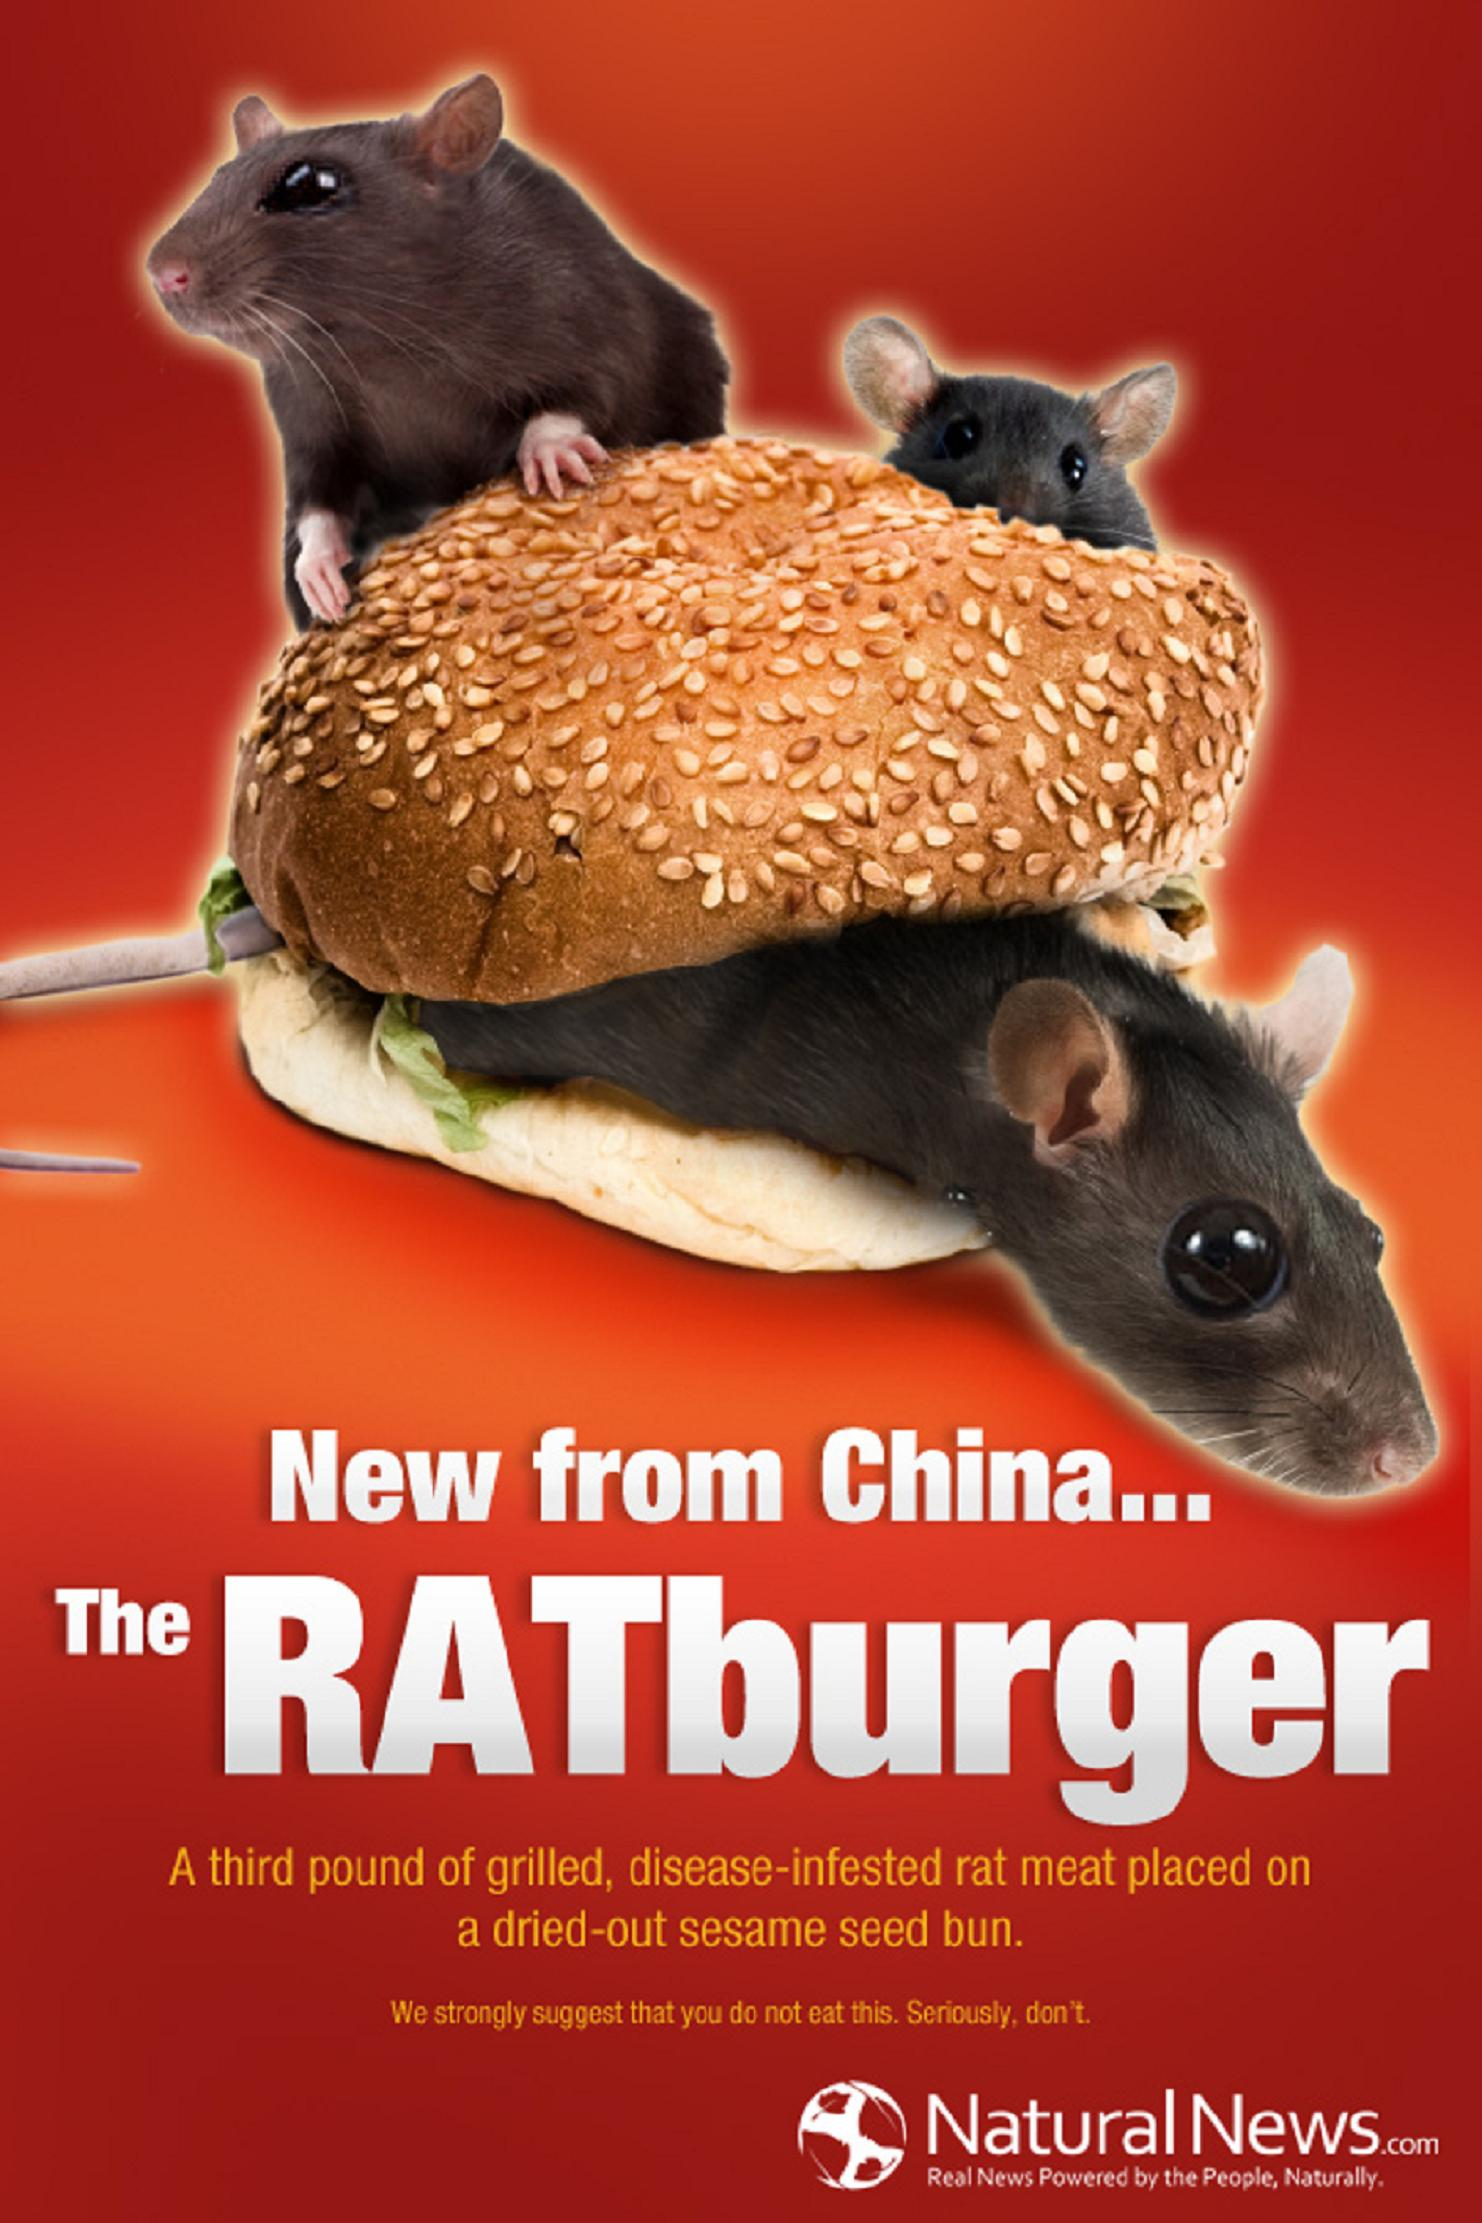 Ῥάτμπουργκερ. Σᾶς παρουσιάζουμε τὸ νέο ῥάτμπουργκερ (ποντικομπιφτέκι) ἀπὸ τὴν Κίνα!3